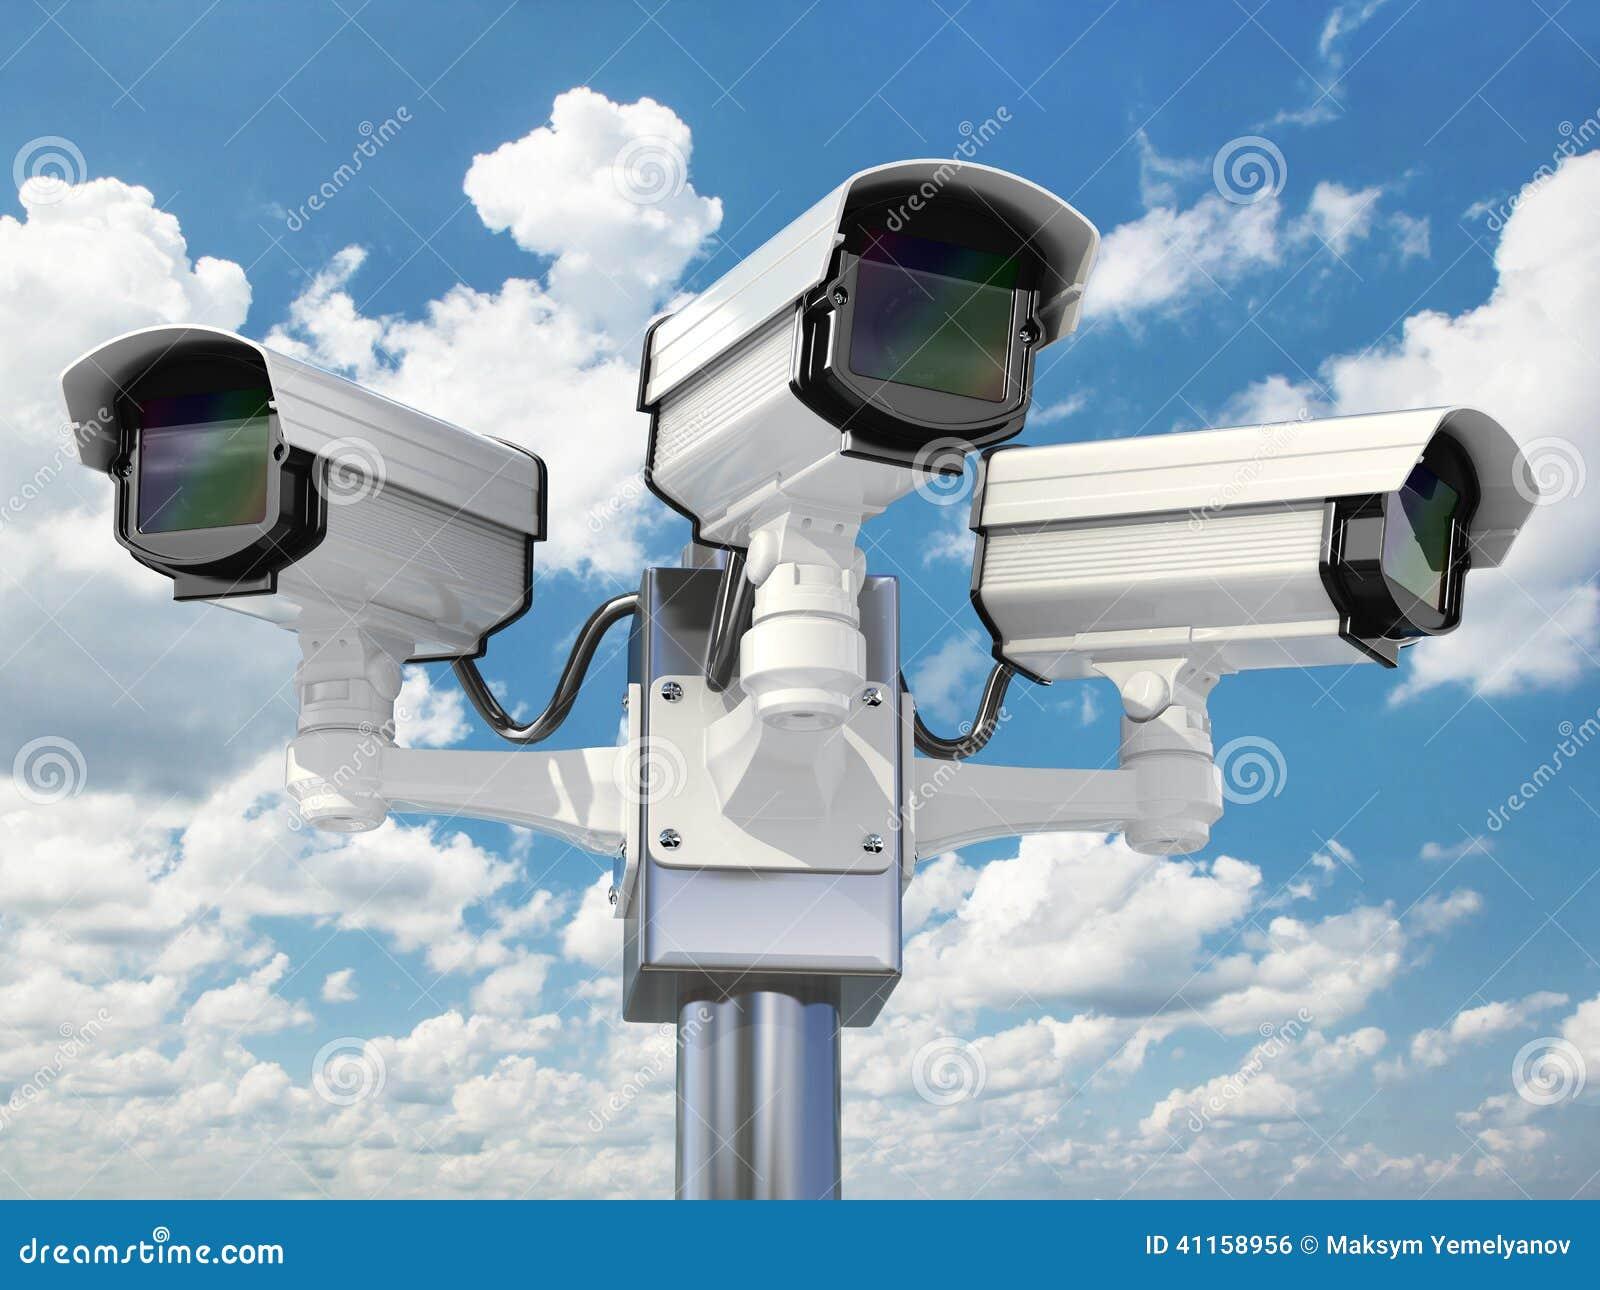 Камера видеонаблюдения Dahua DH-HAC-HFW1200SP-0600B-S3